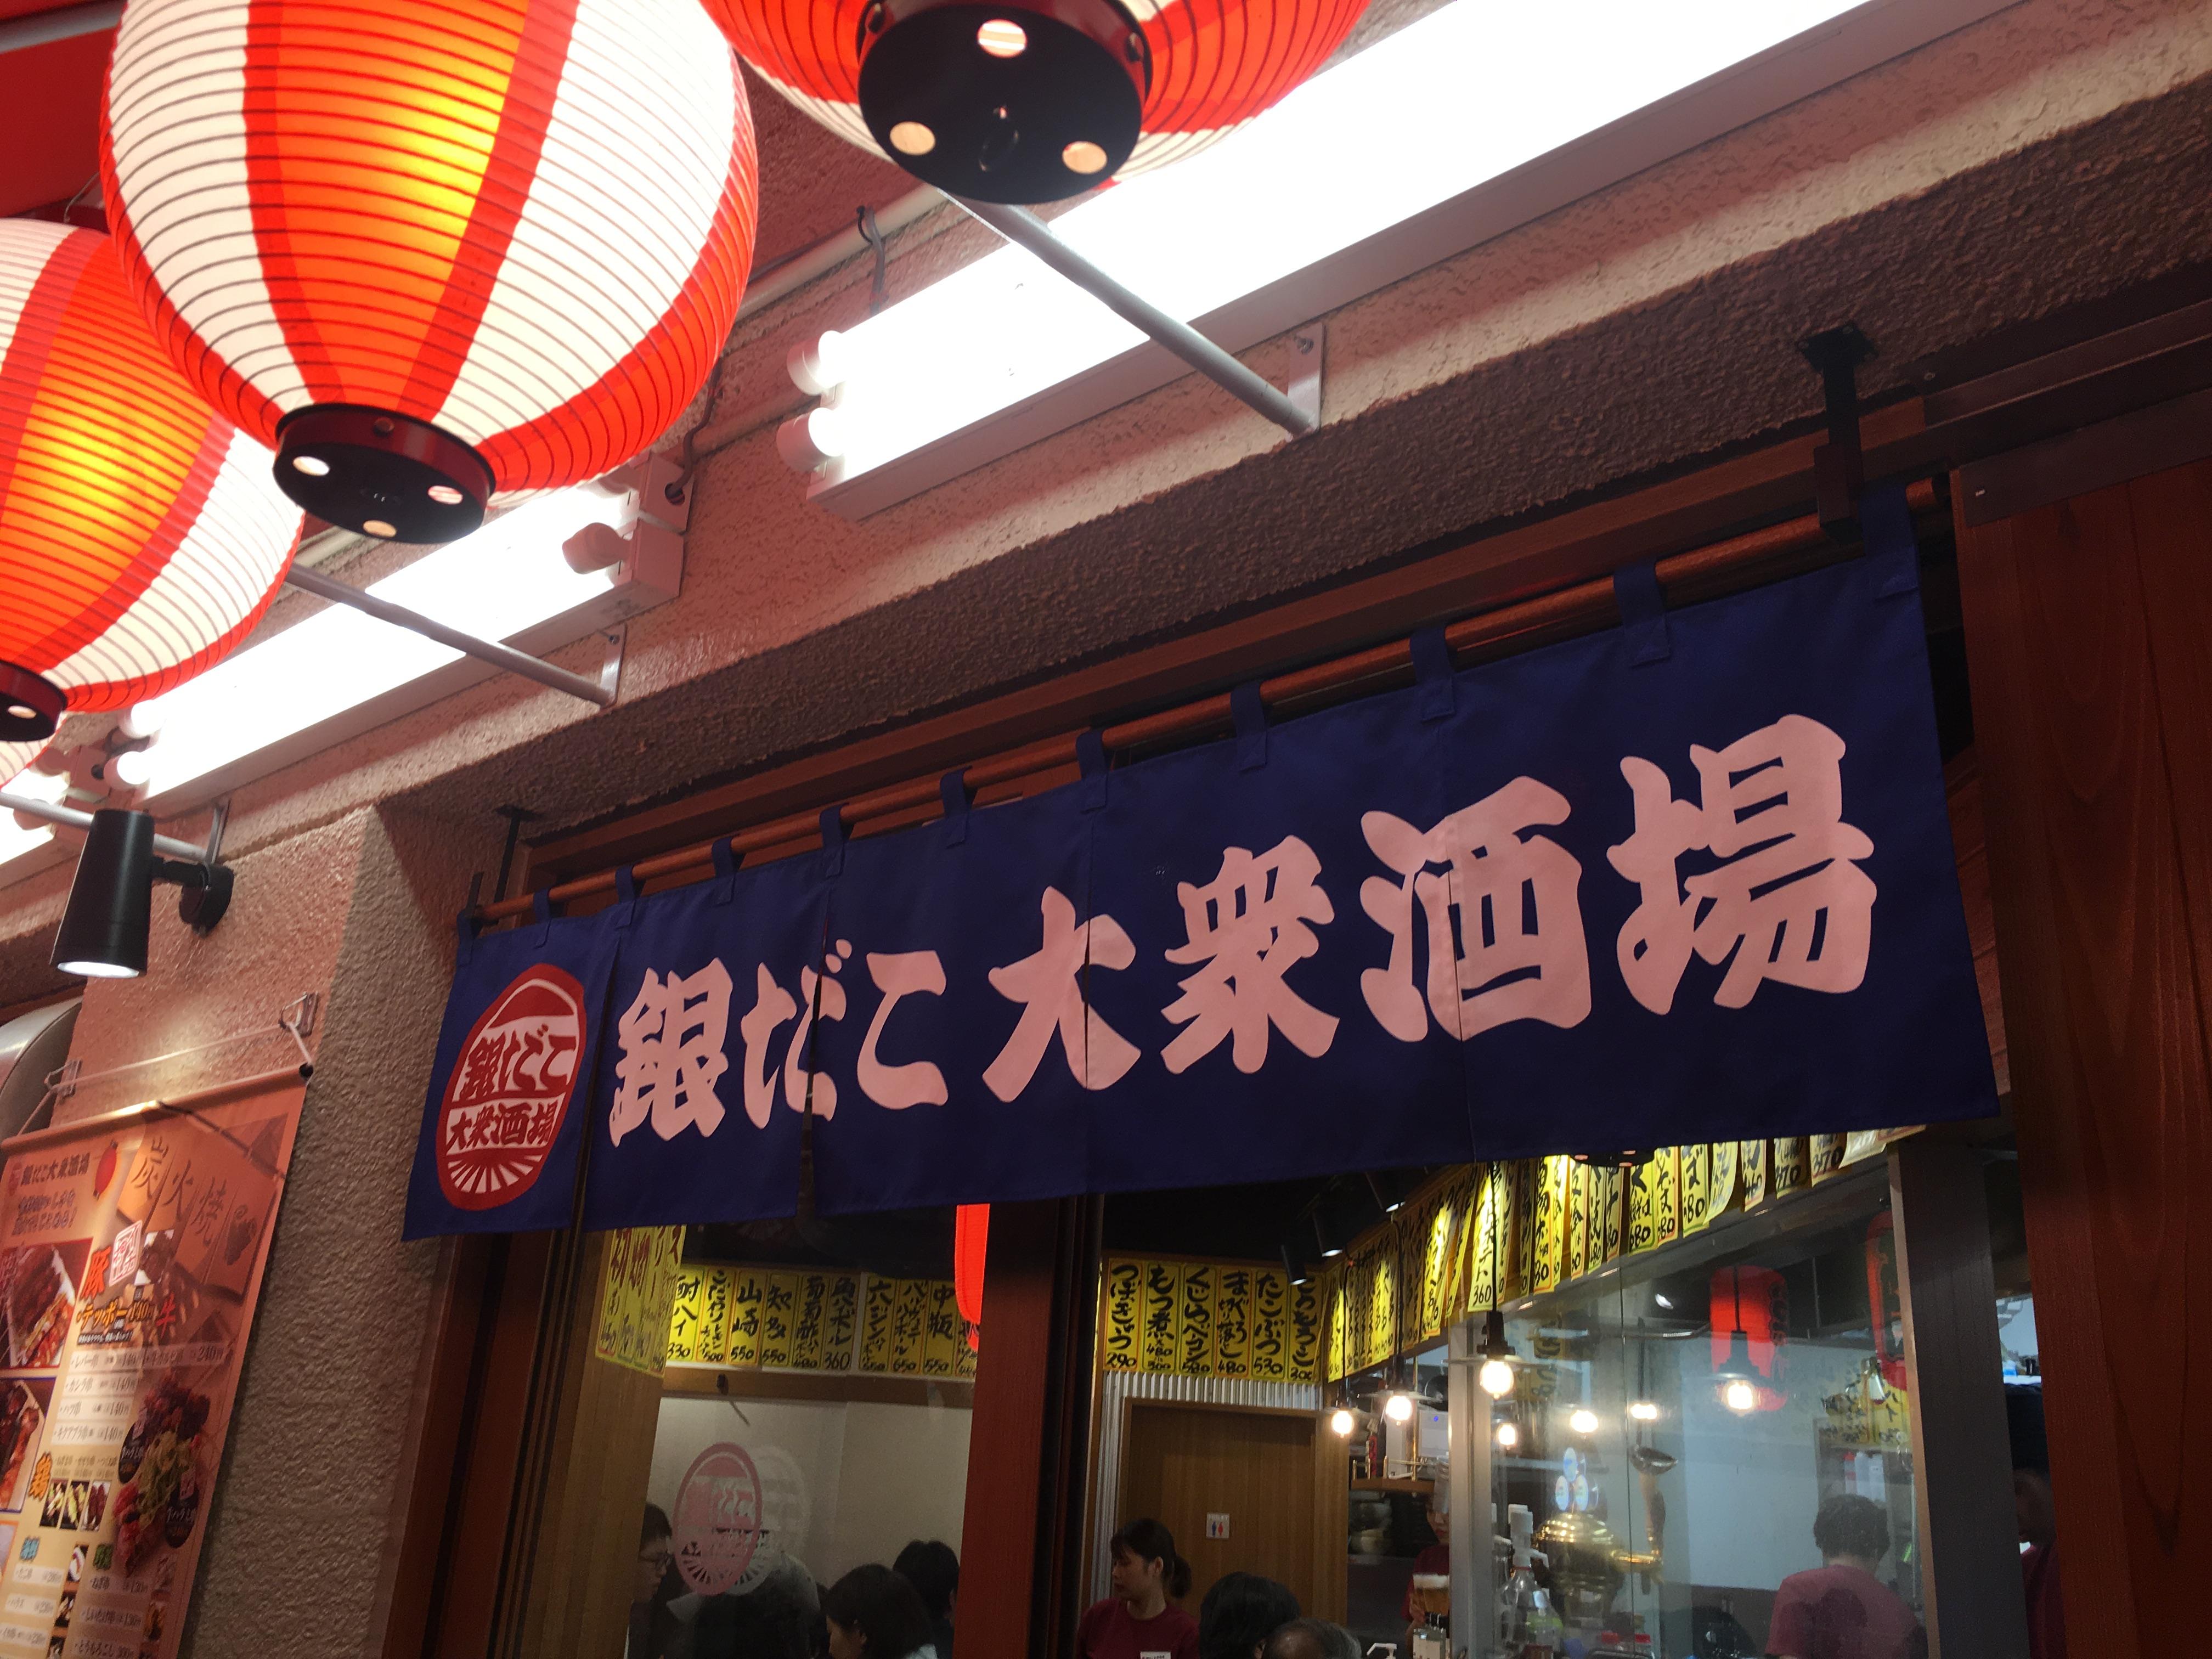 【大塚駅】大きな屋台みたい!「銀だこ 大衆酒場 大塚店」ののれん